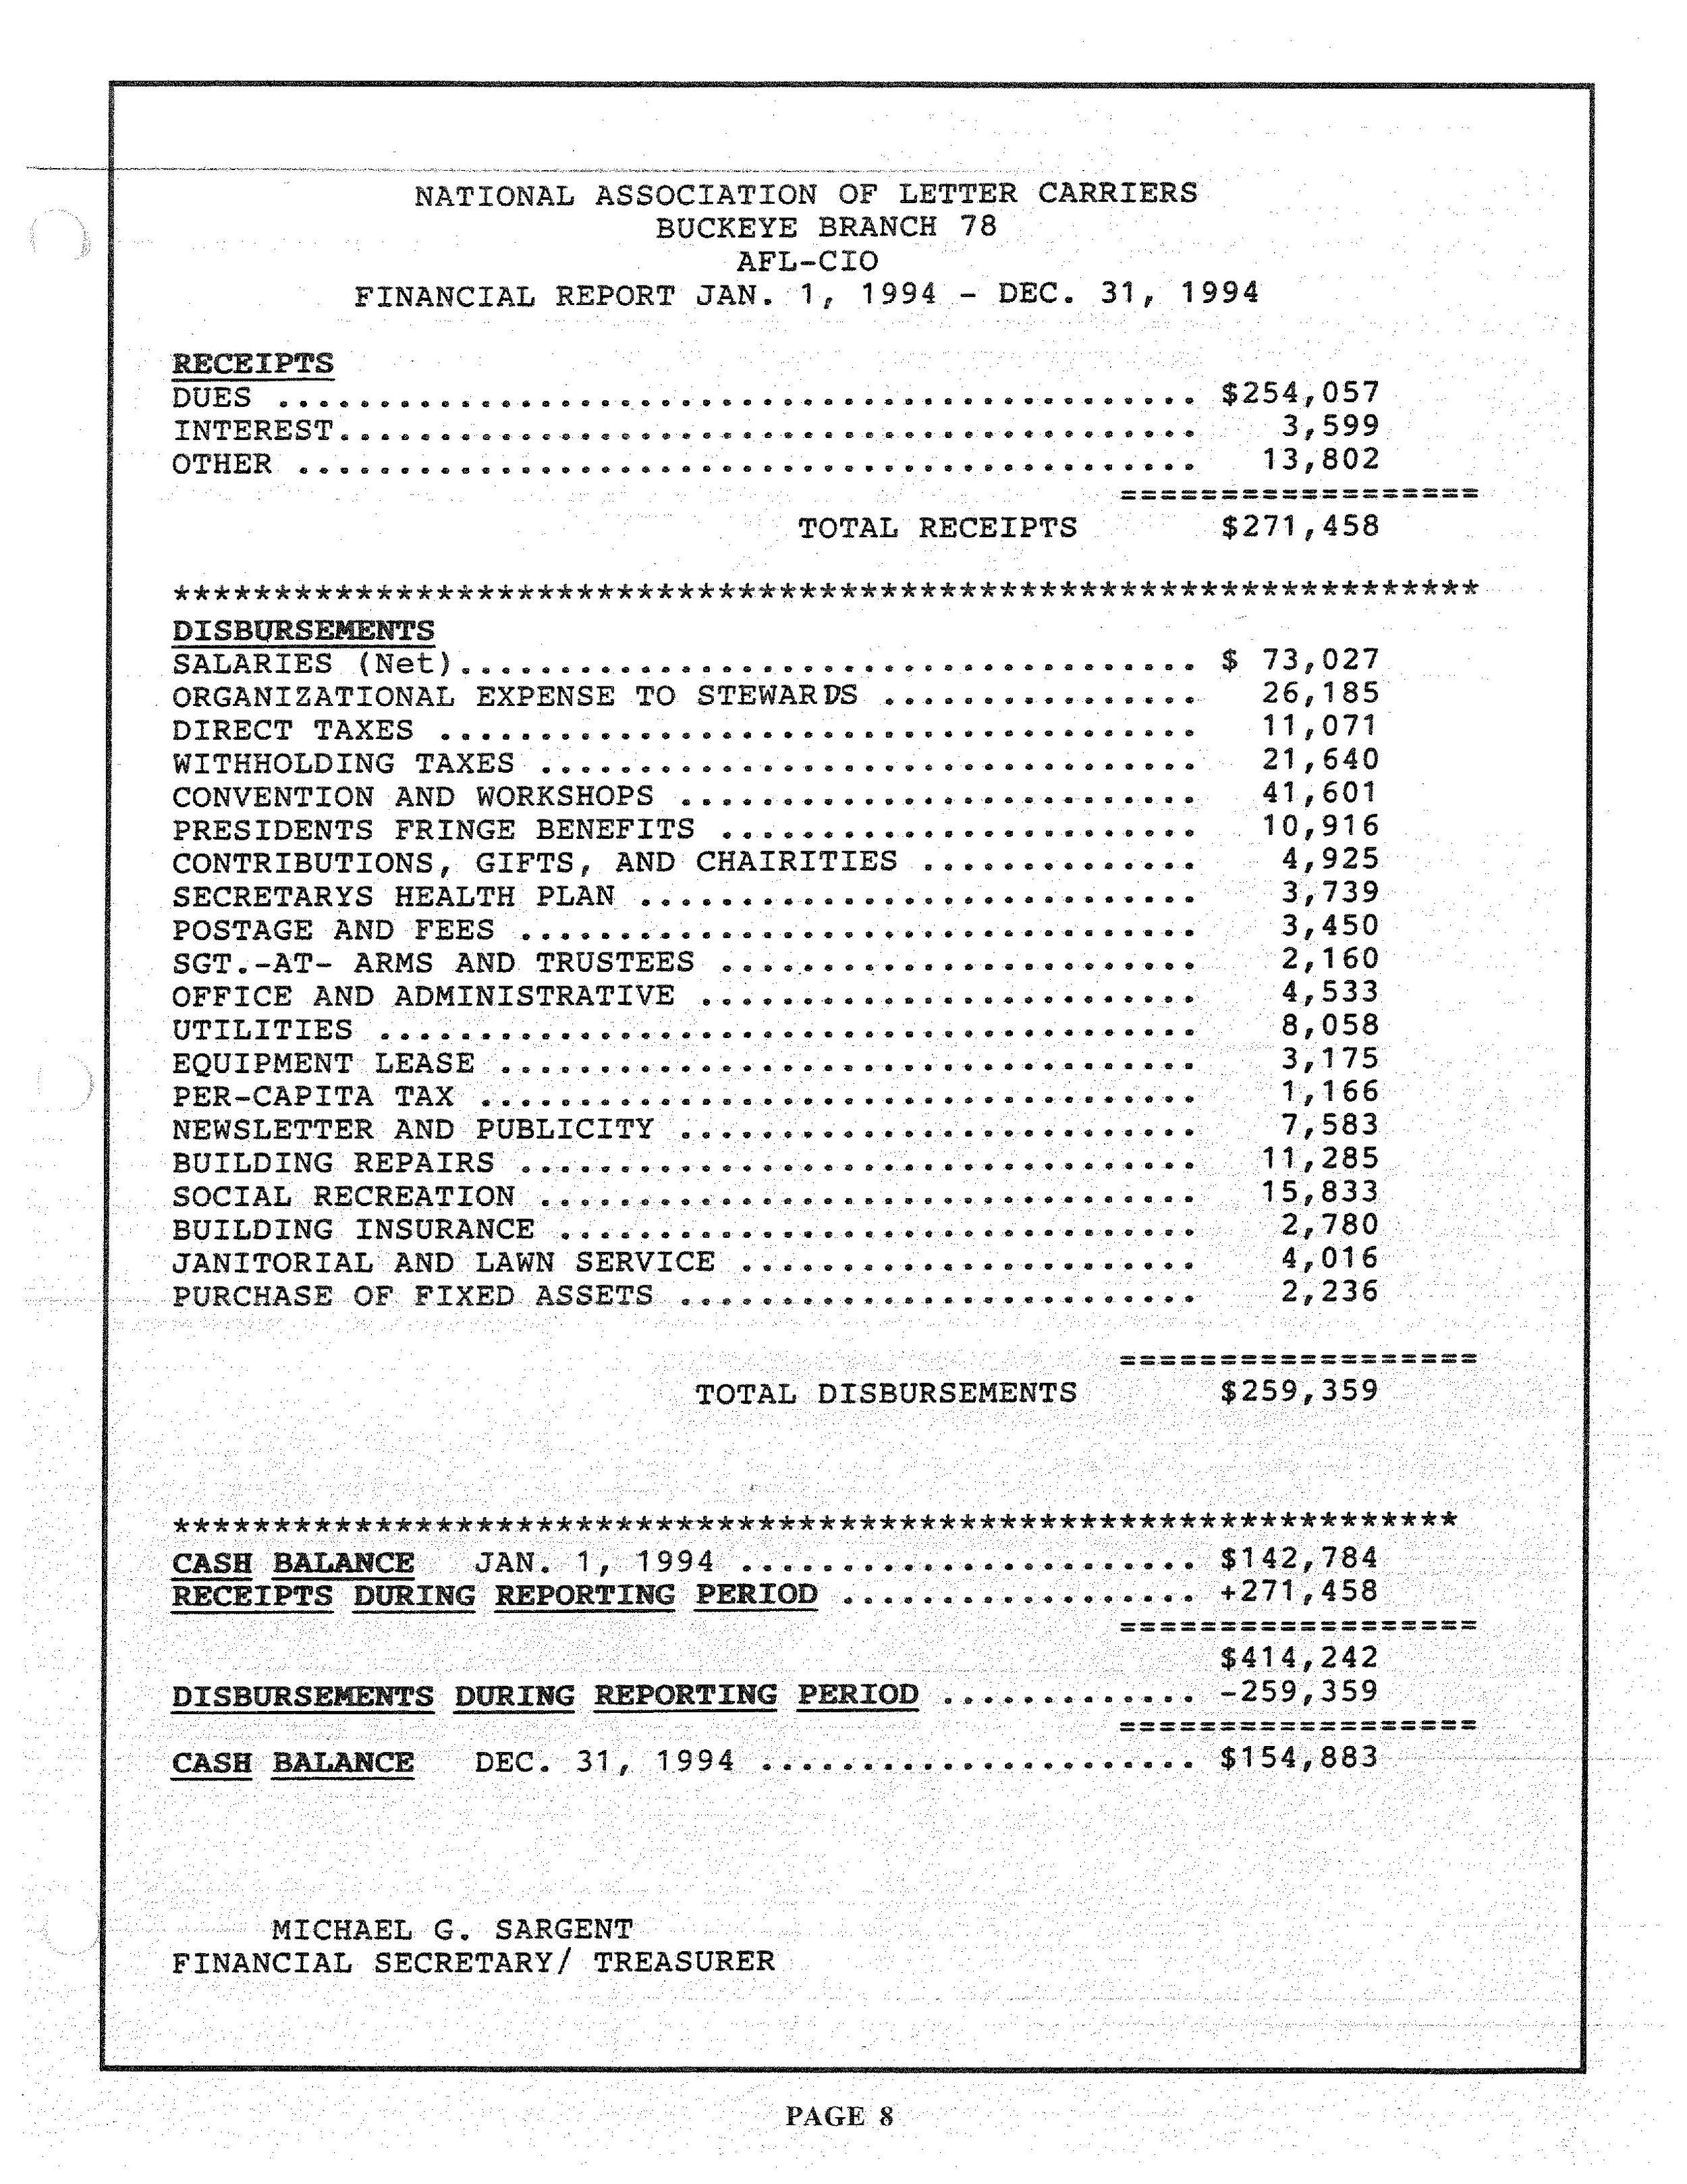 branch 78 history page-0075.jpg